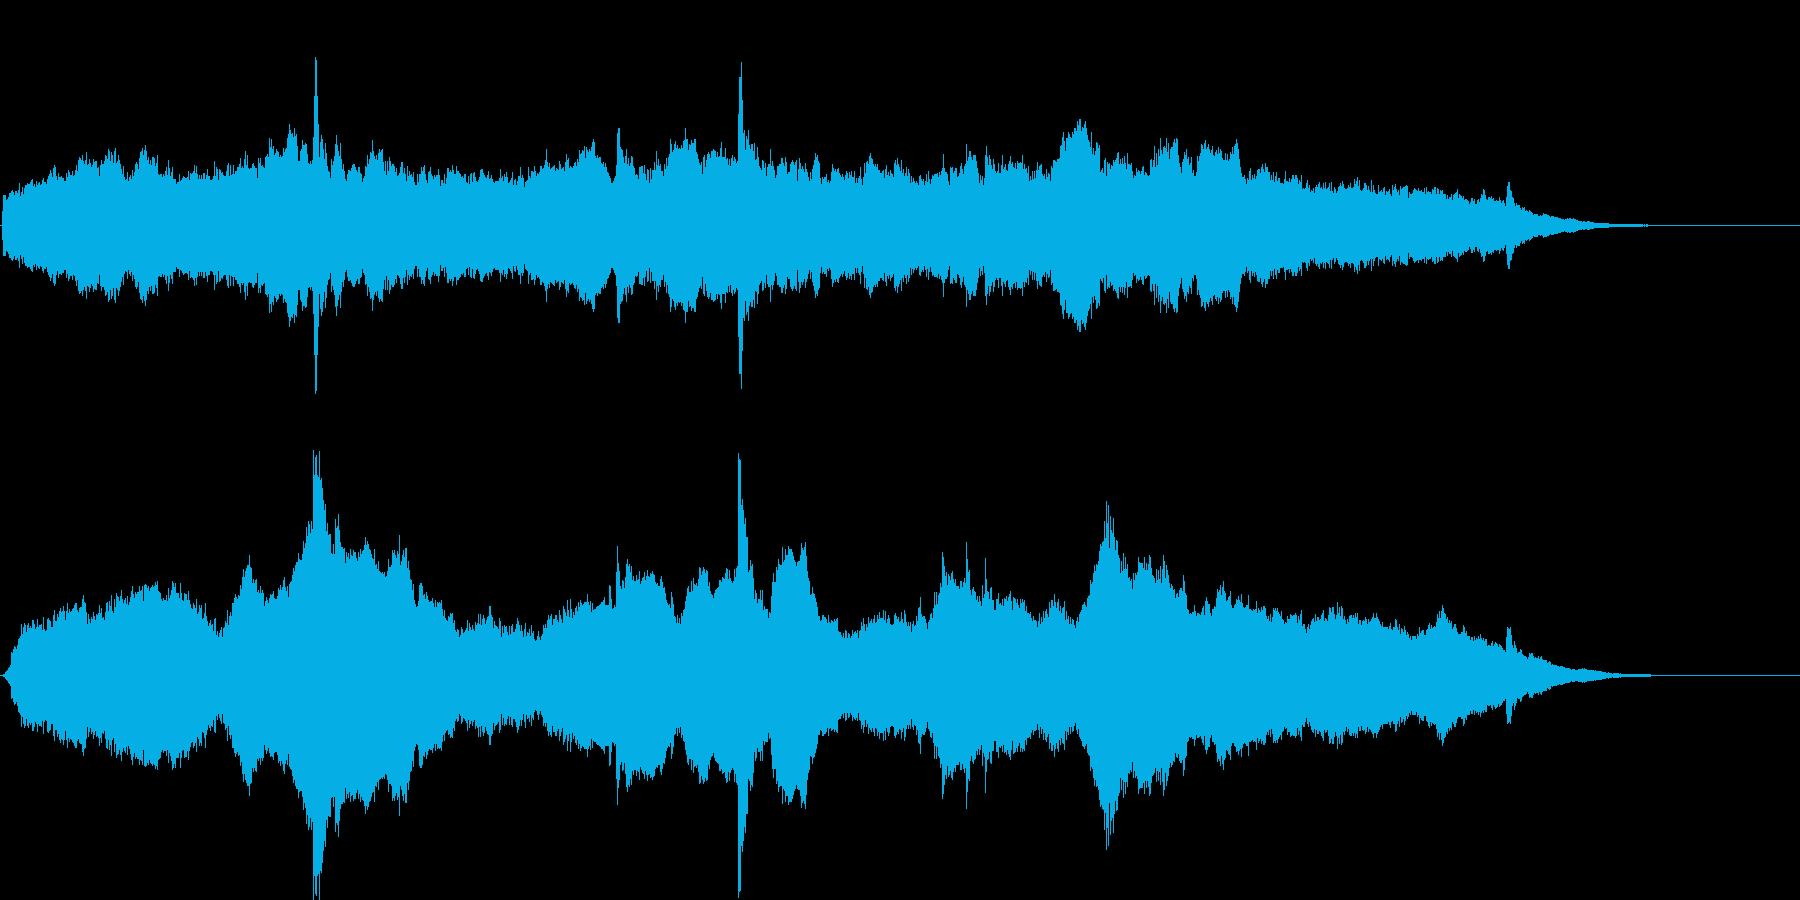 宇宙的なアンビエントサウンド+ピアノ。の再生済みの波形